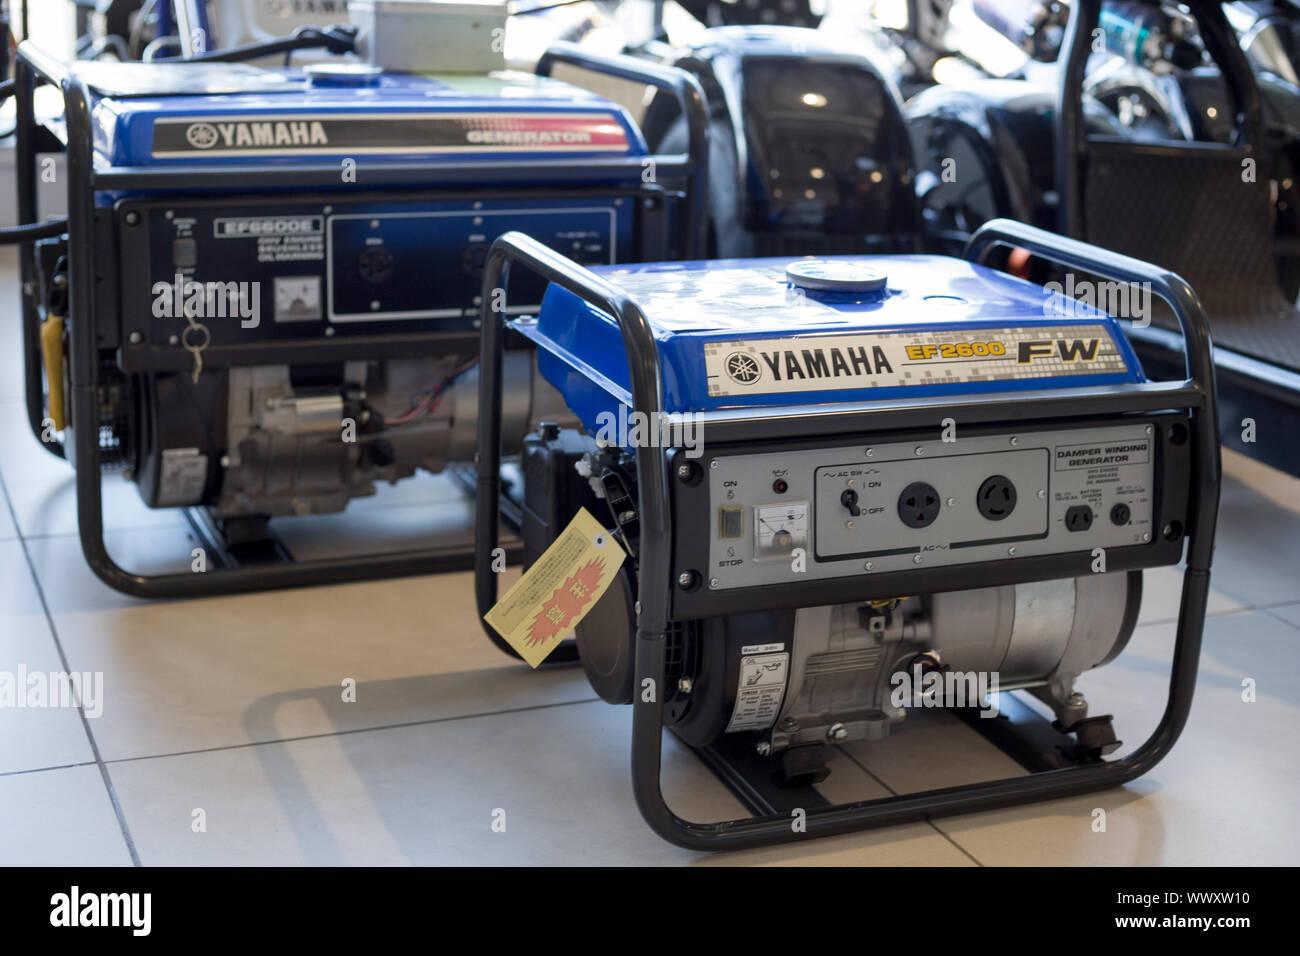 Rusia, Izhevsk - Agosto 23, 2019: Yamaha showroom. Los generadores diesel modernos de Yamaha. La famosa marca mundial. Foto de stock